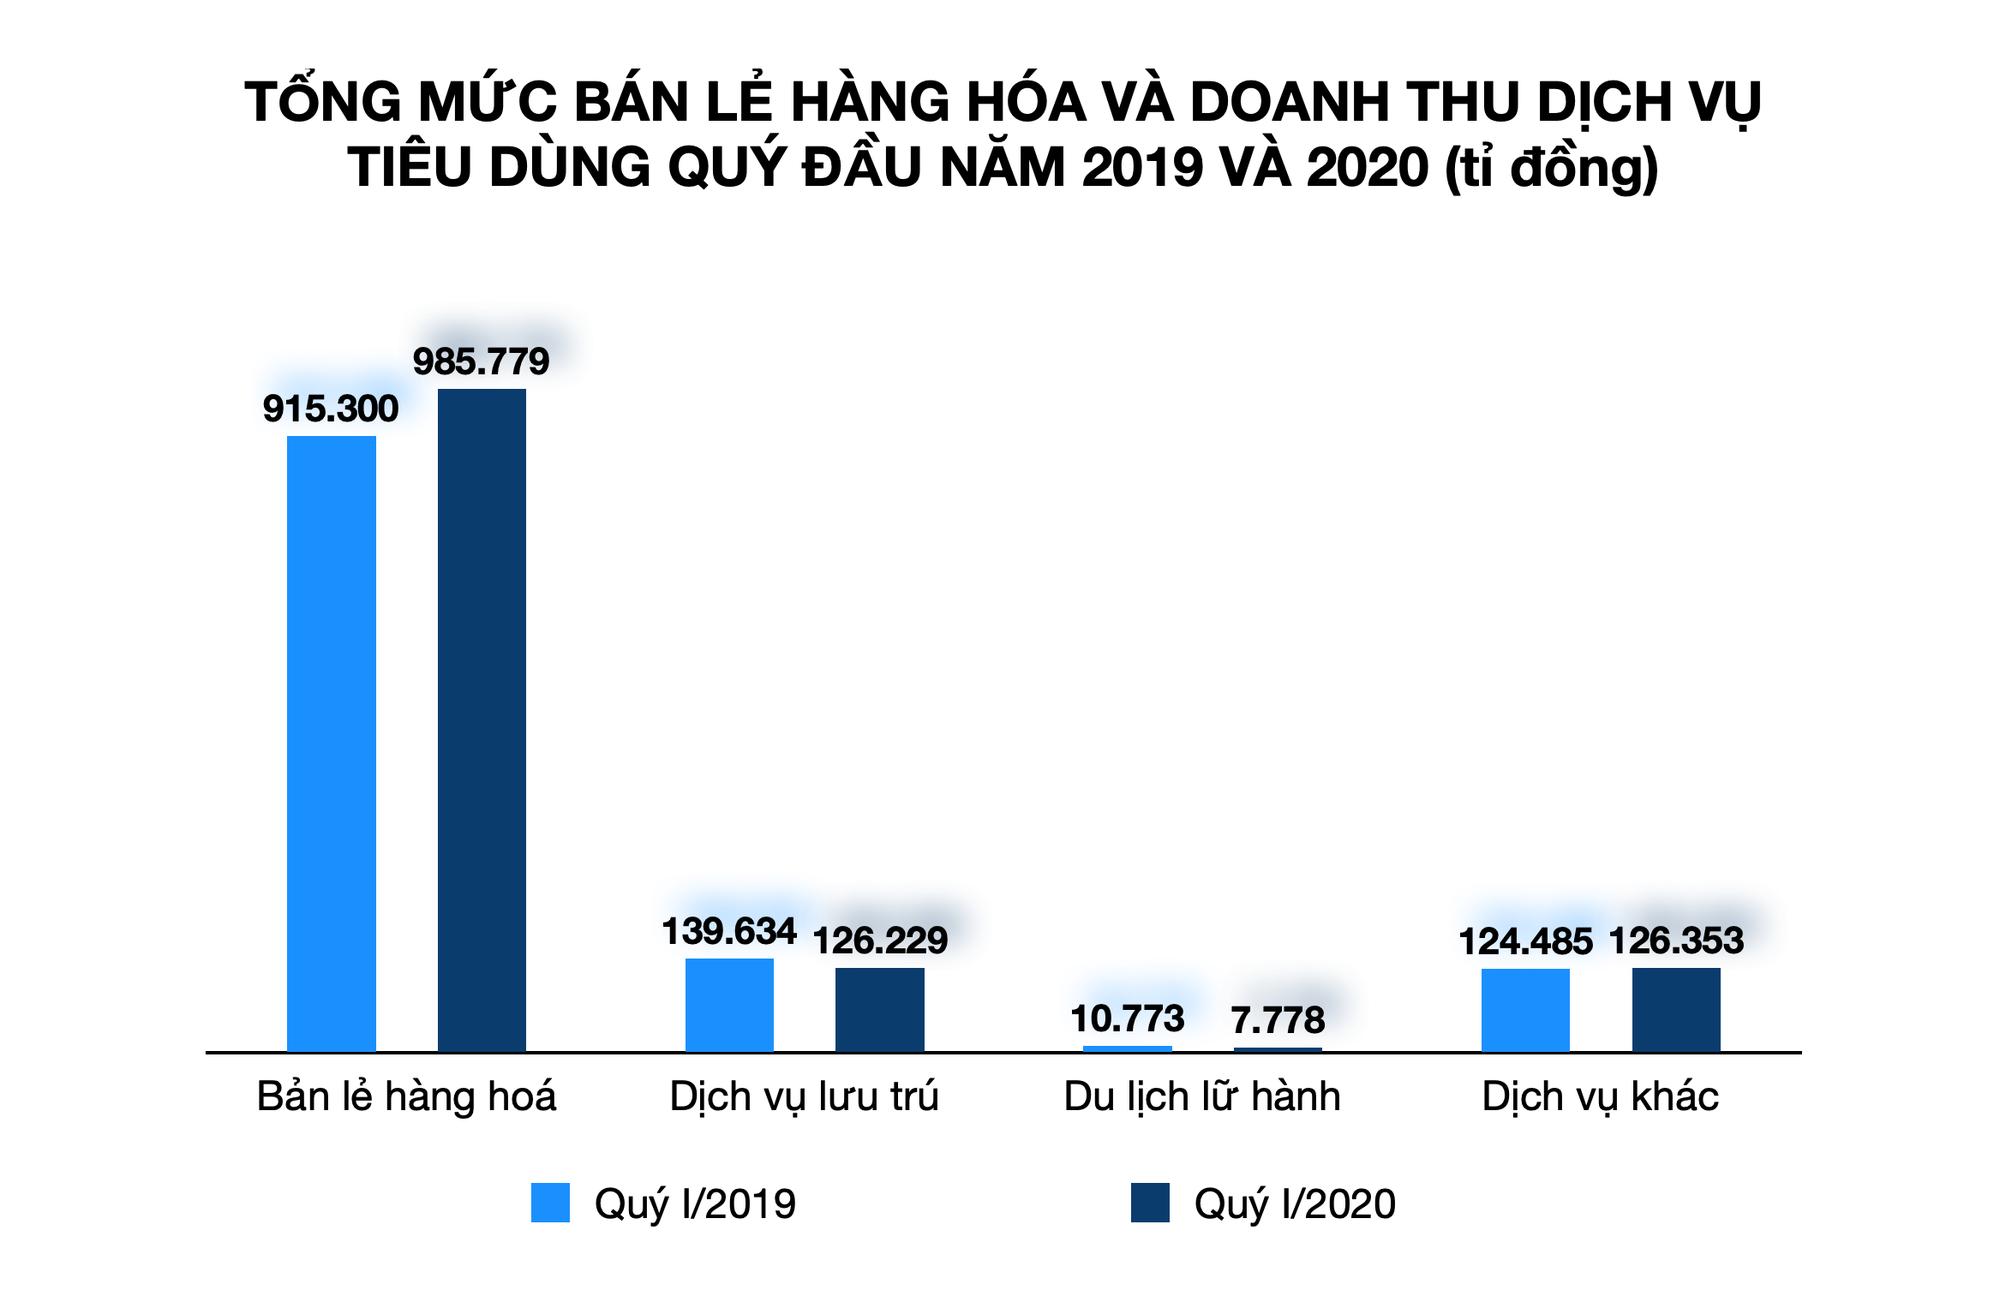 Hơn 18.000 doanh nghiệp Việt Nam tạm ngừng kinh doanh vì dịch Covid-19 - Ảnh 2.